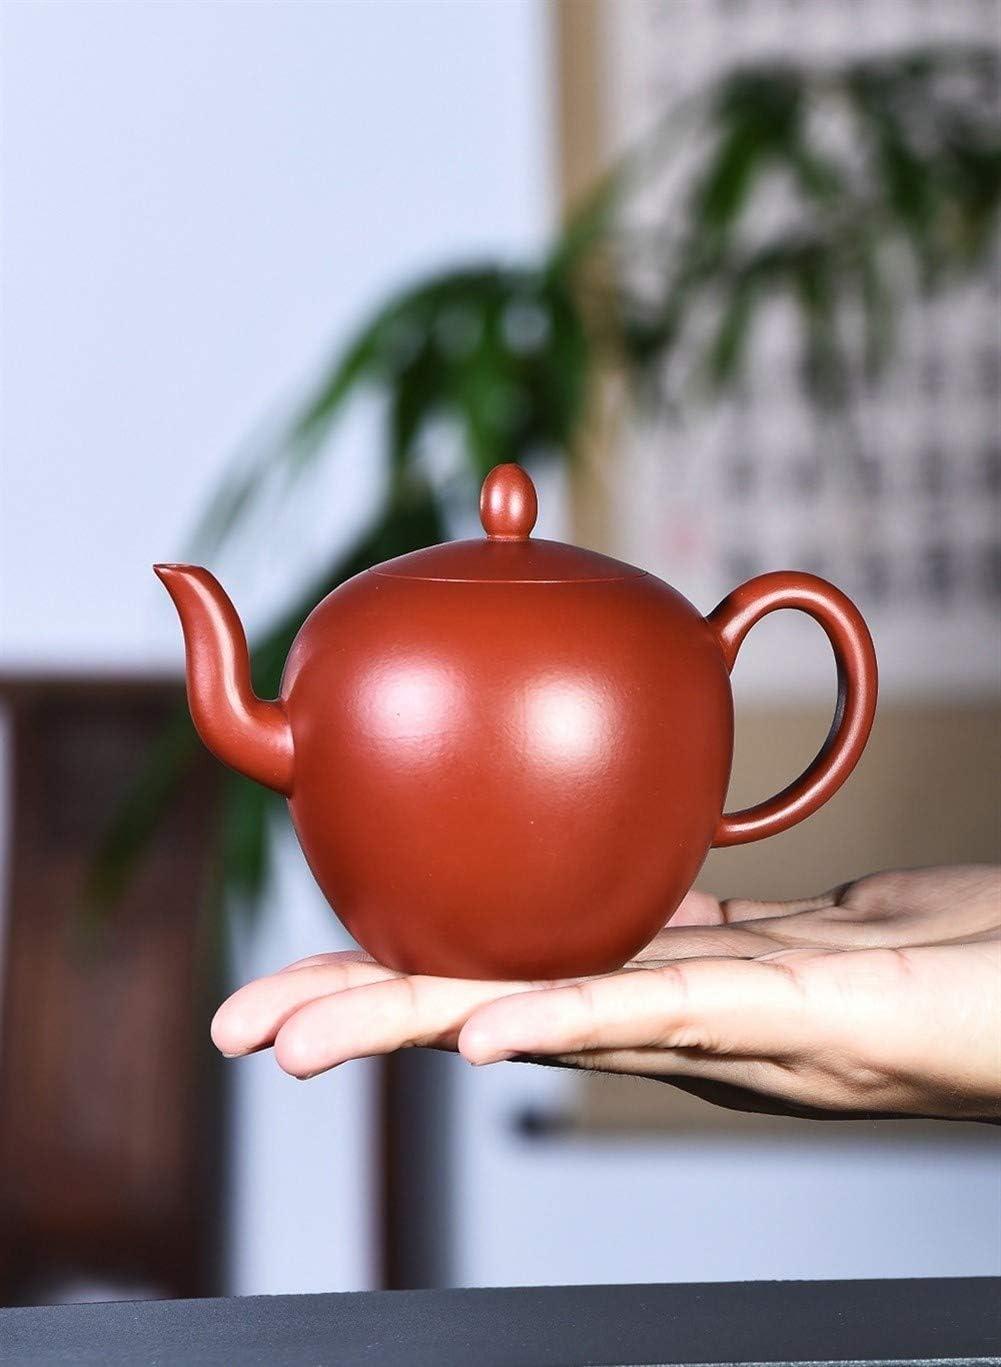 中国のティーポット ティーポット鉱石信頼性の高いDahongpao美人鍋ショートショルダー 宜興粘土のティーポットパープル砂の鍋セラミック鍋 (色 : Purple mud)